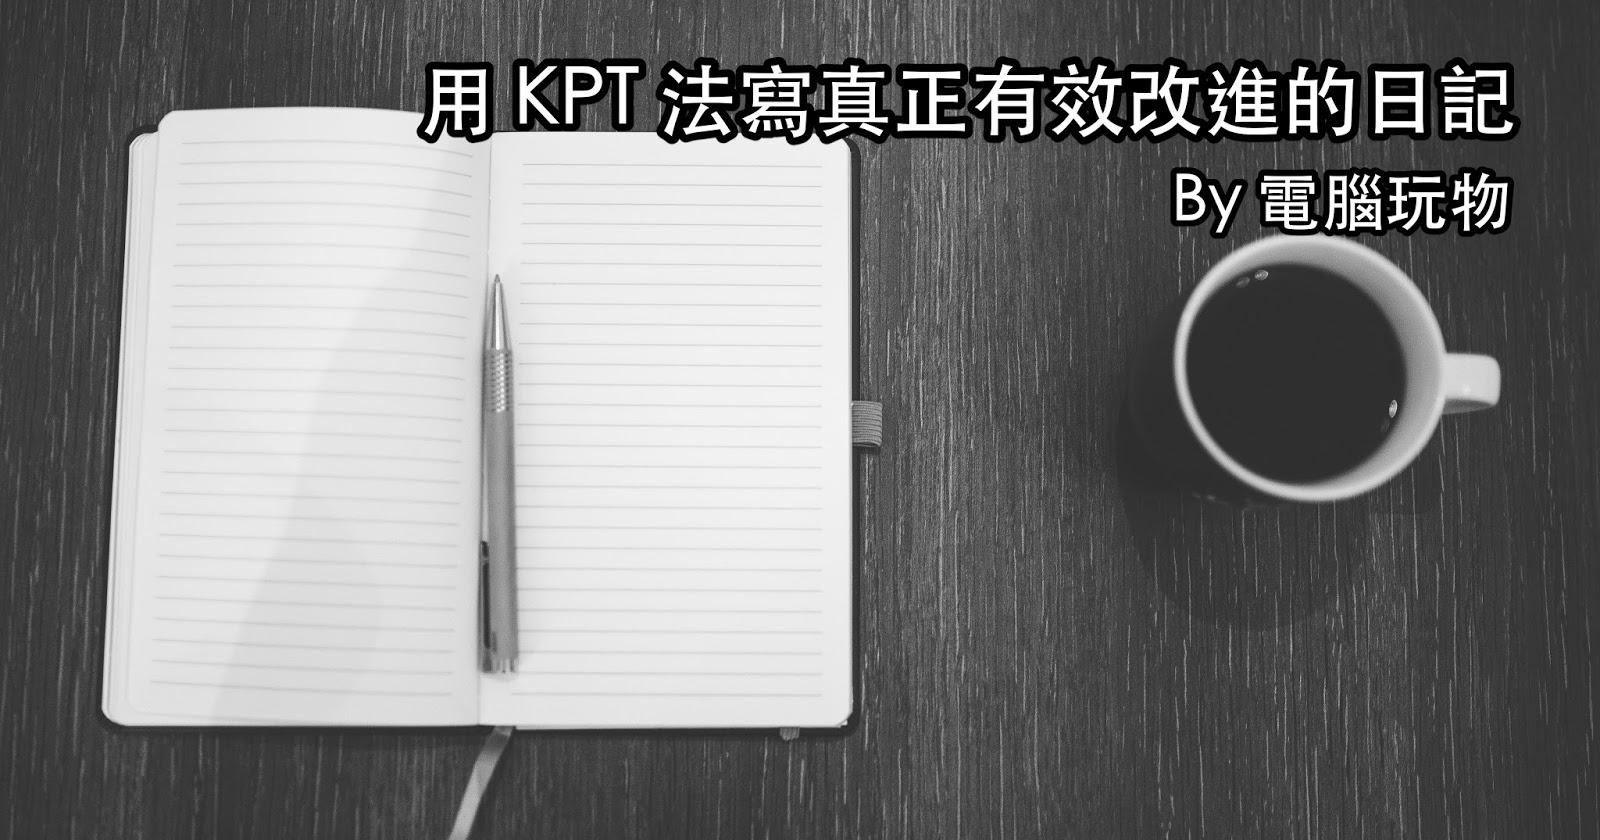 [筆記術-5] KPT 日記法,不問優缺點但有效改進的工作反省日誌